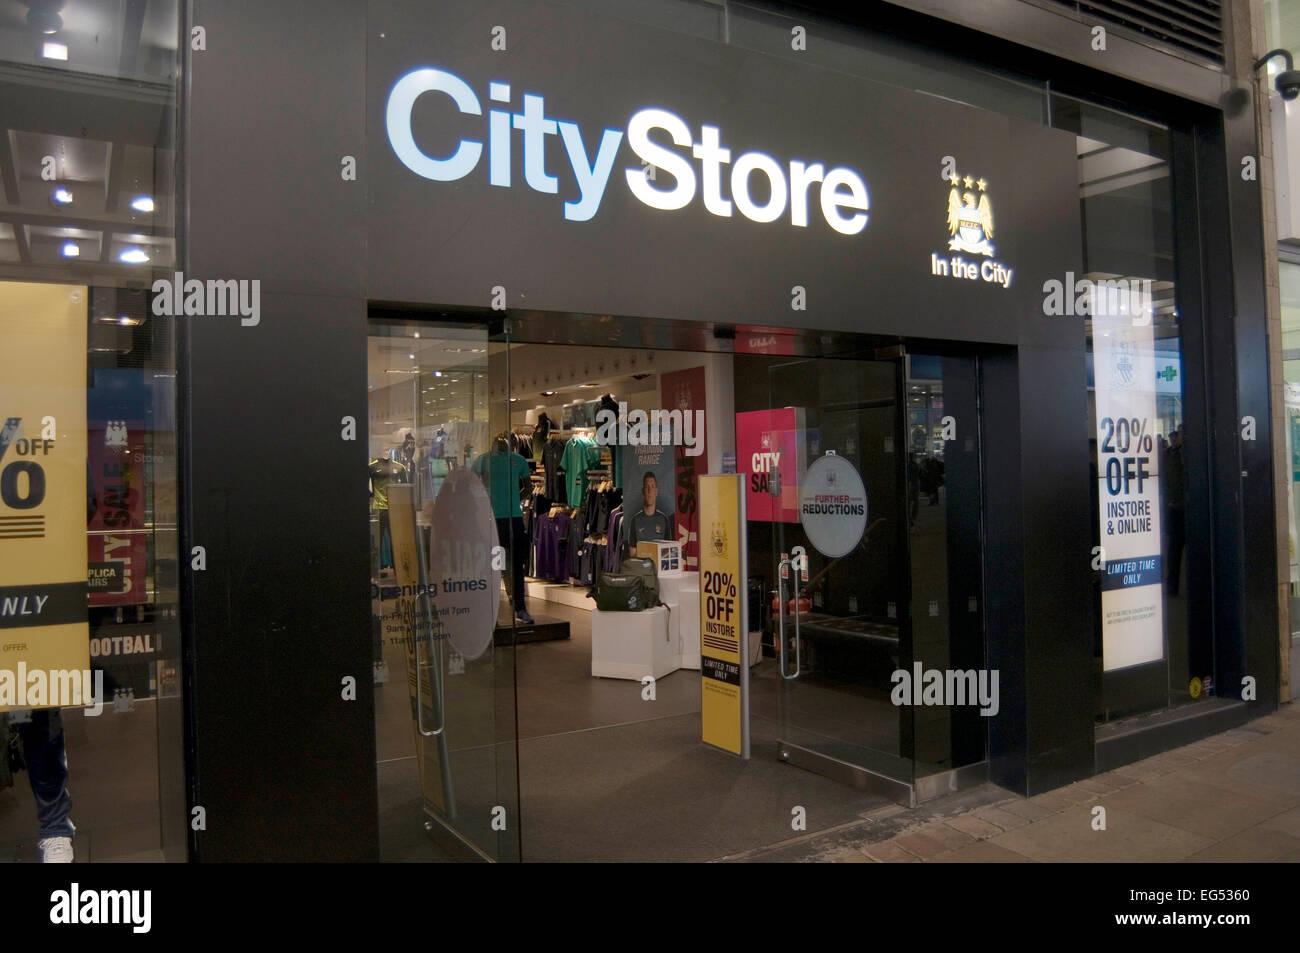 Manchester City Merchandise Football Shirt Shirts Shop Shops Retail